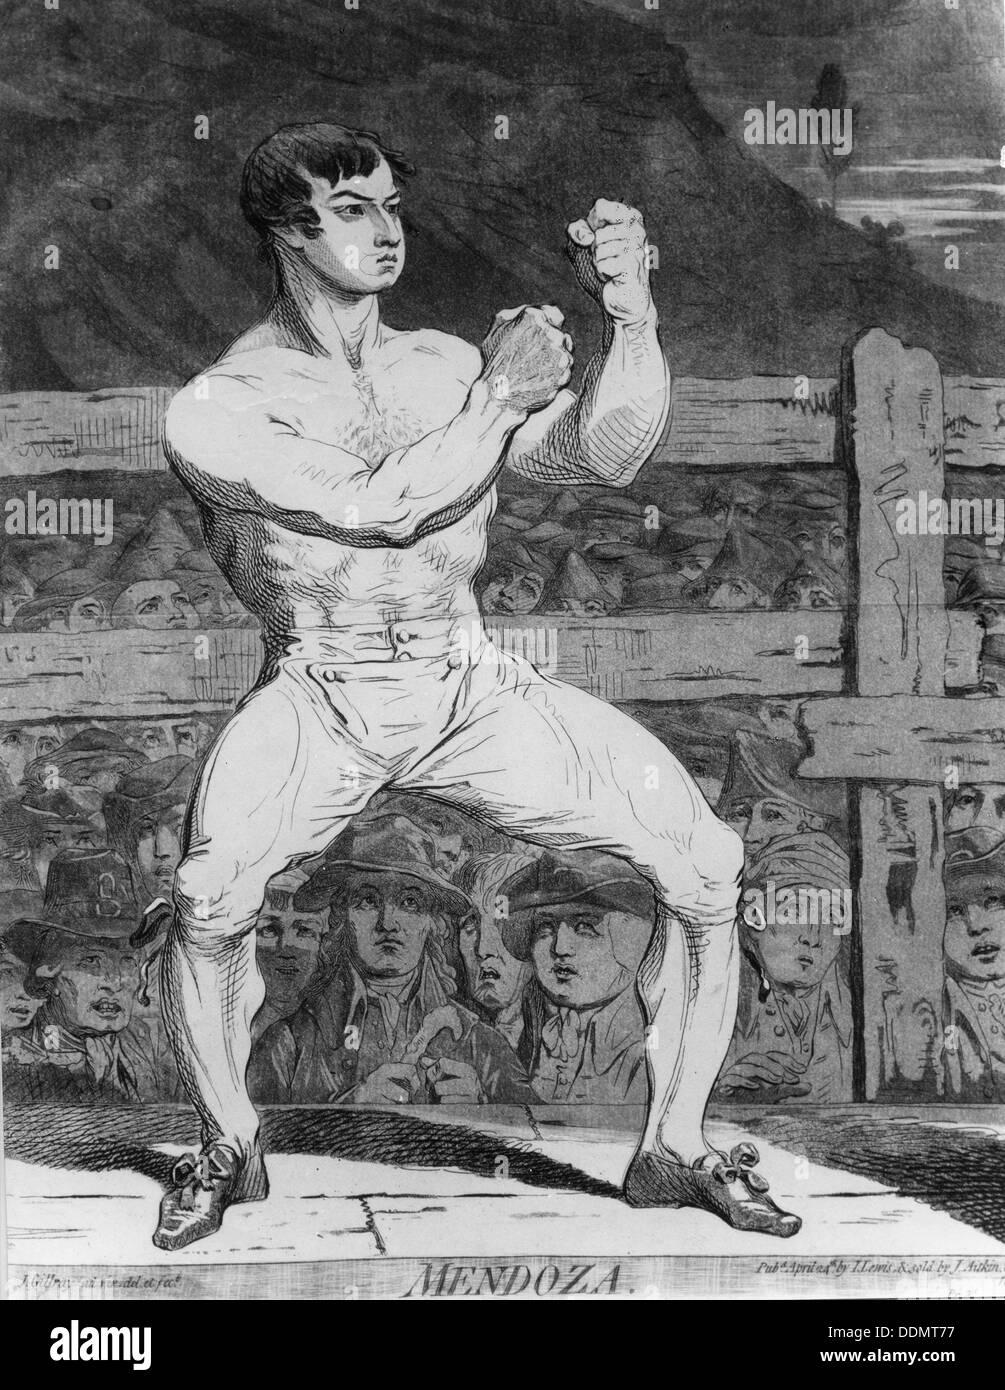 Daniel Mendoza (1764-1836), Jewish boxer.